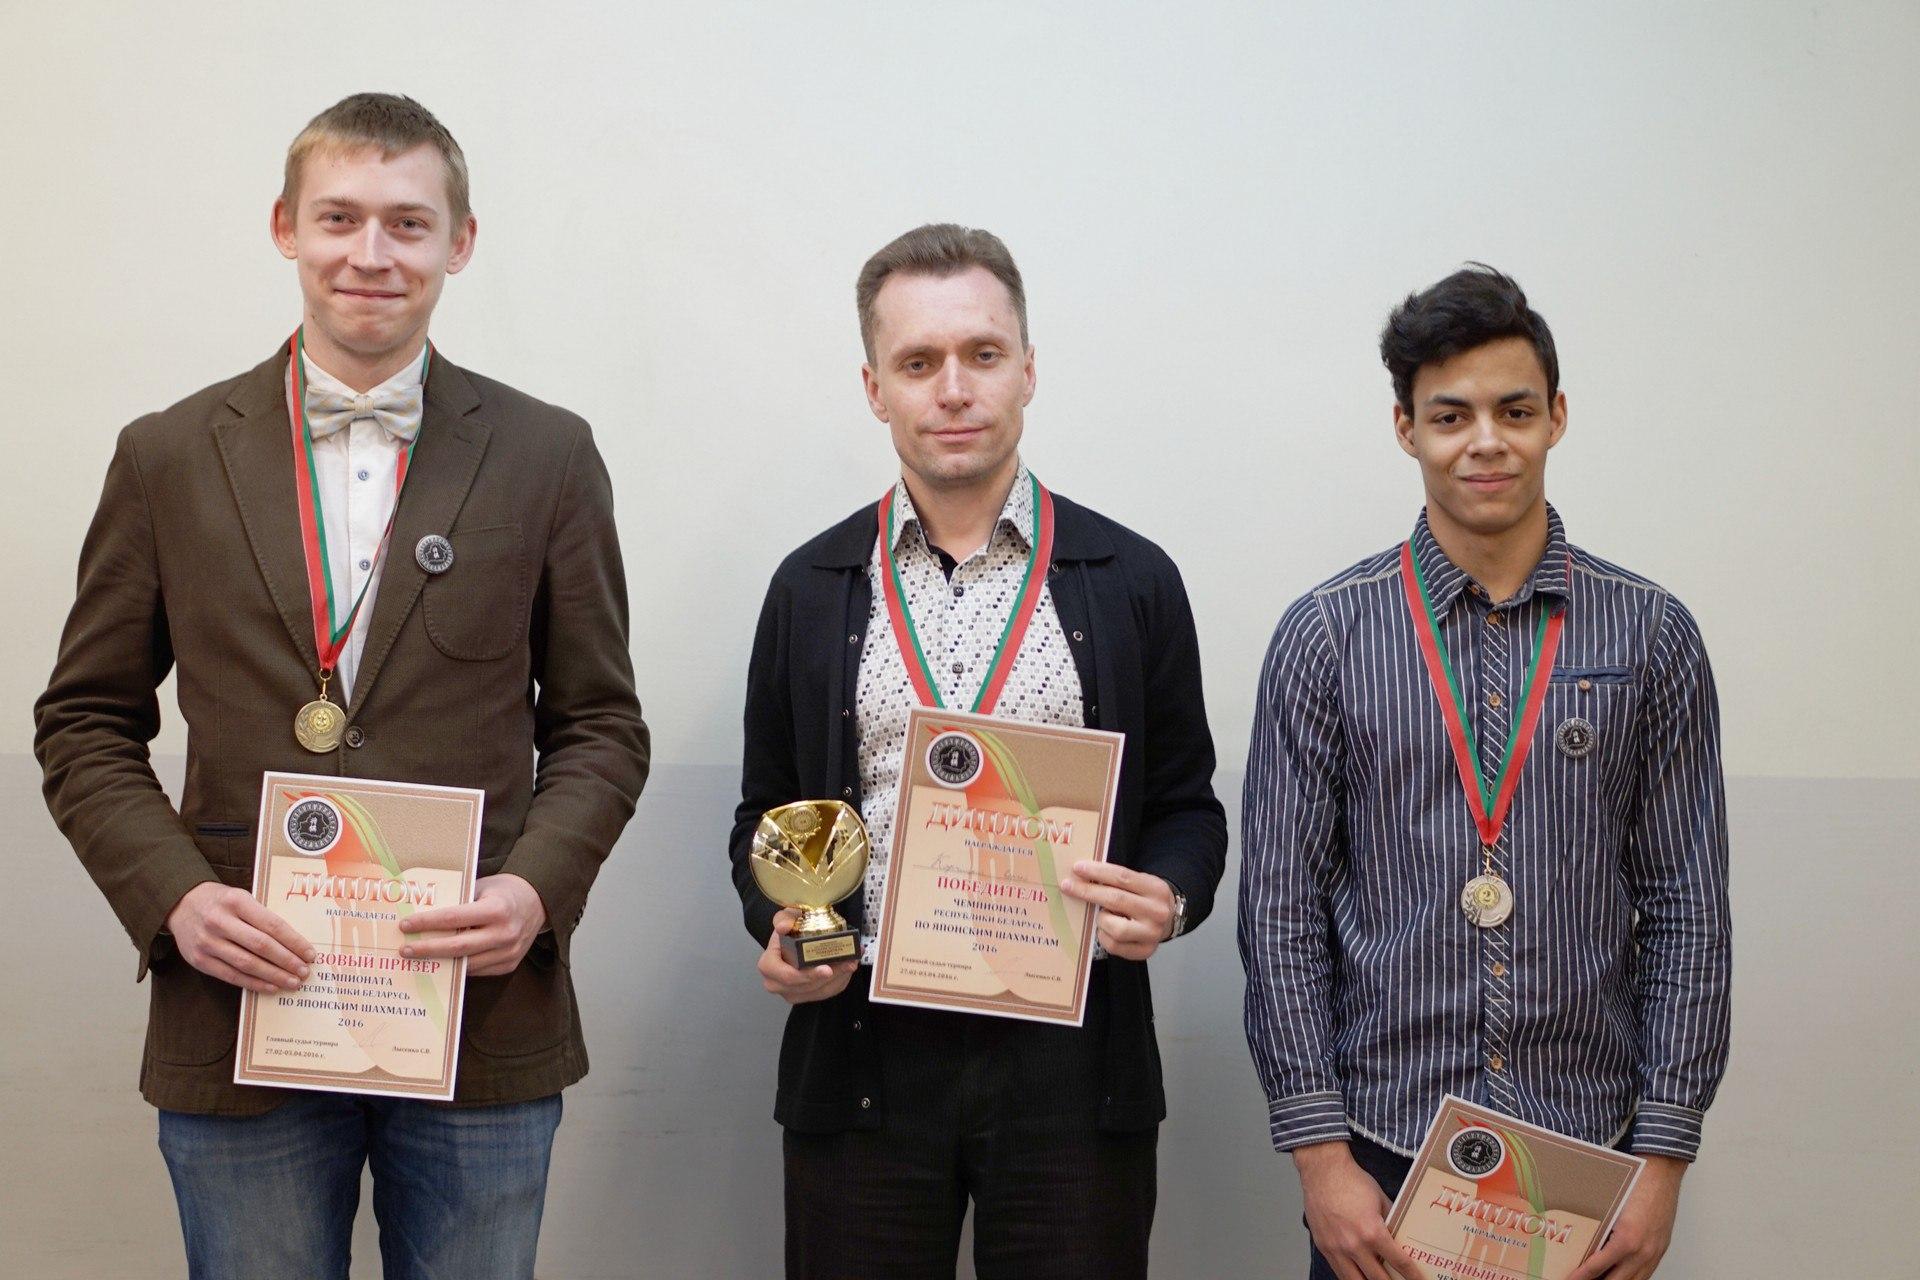 Чемпионат Беларуси 2016, победитель третьего предварительного этапа